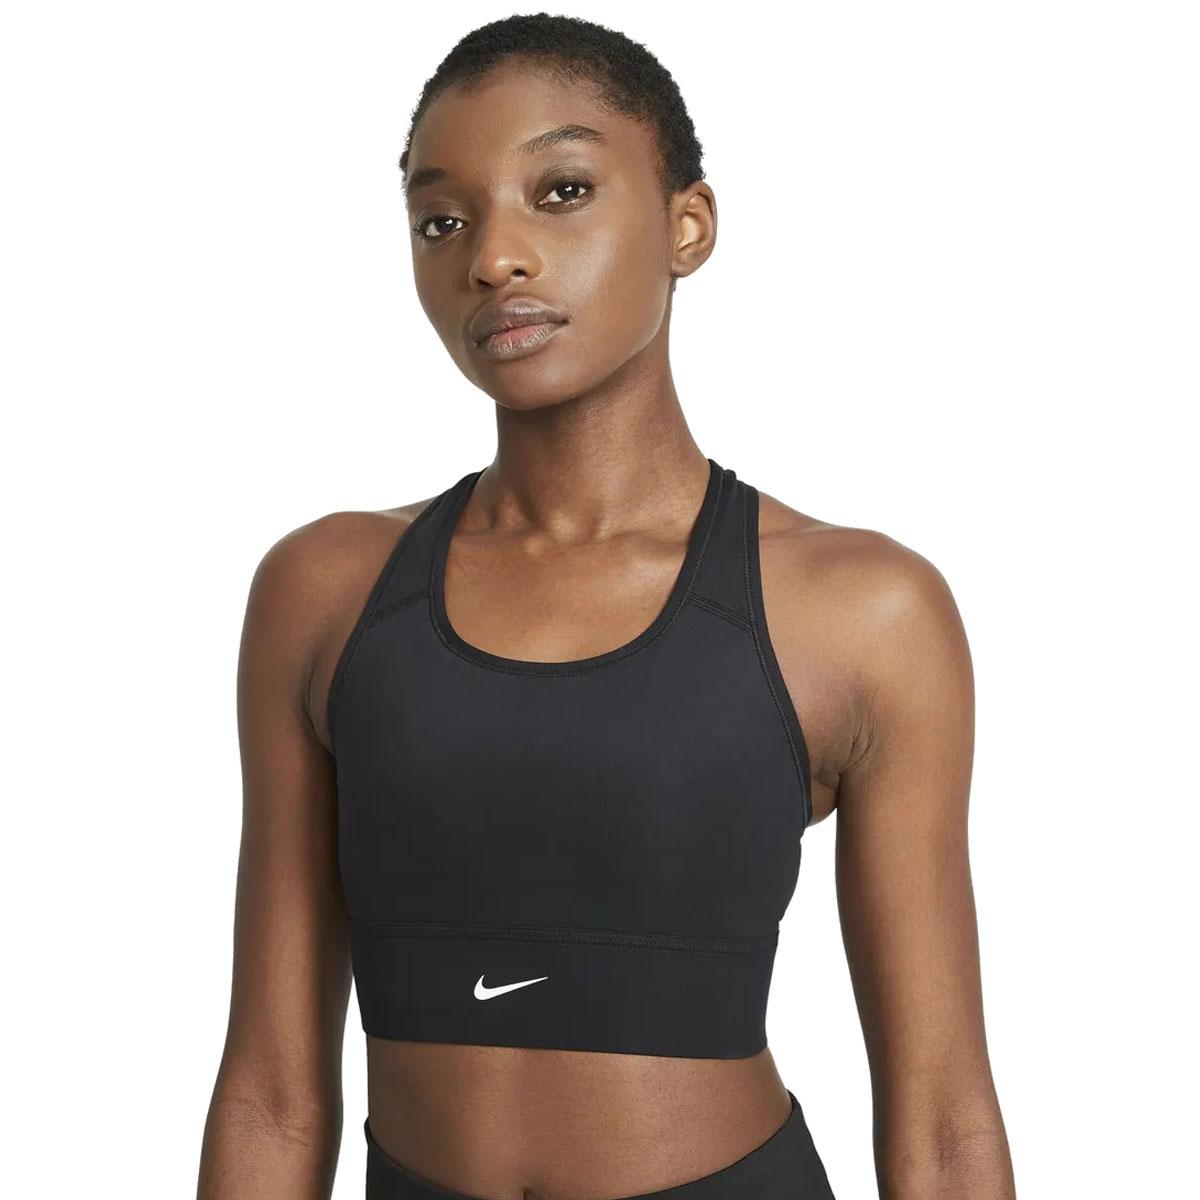 Women's Swoosh Long Line Bra, Black, swatch